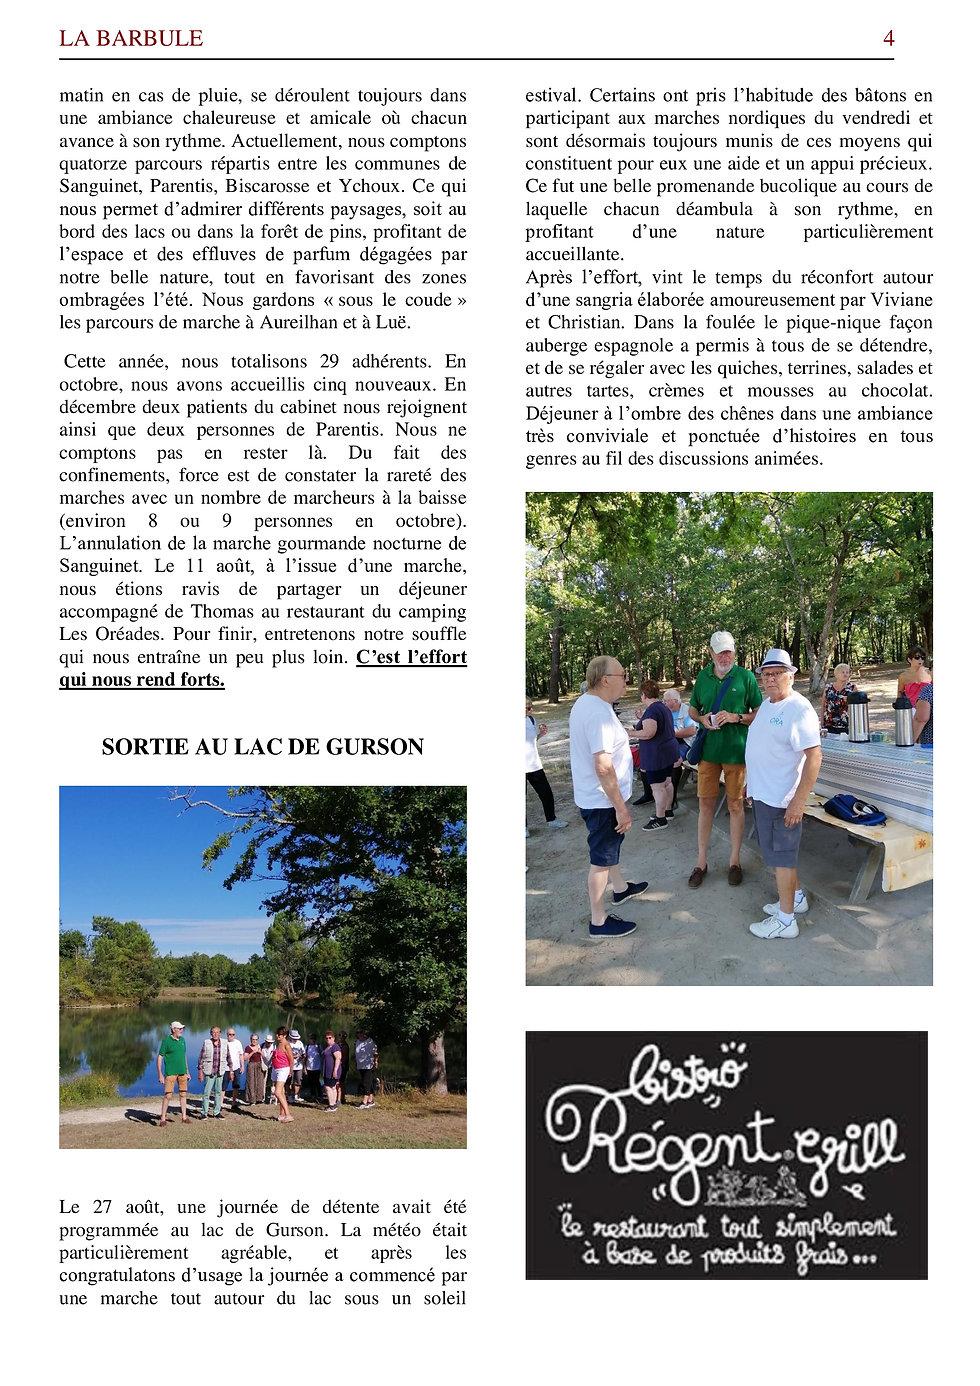 Barbule 7 page 4.jpg